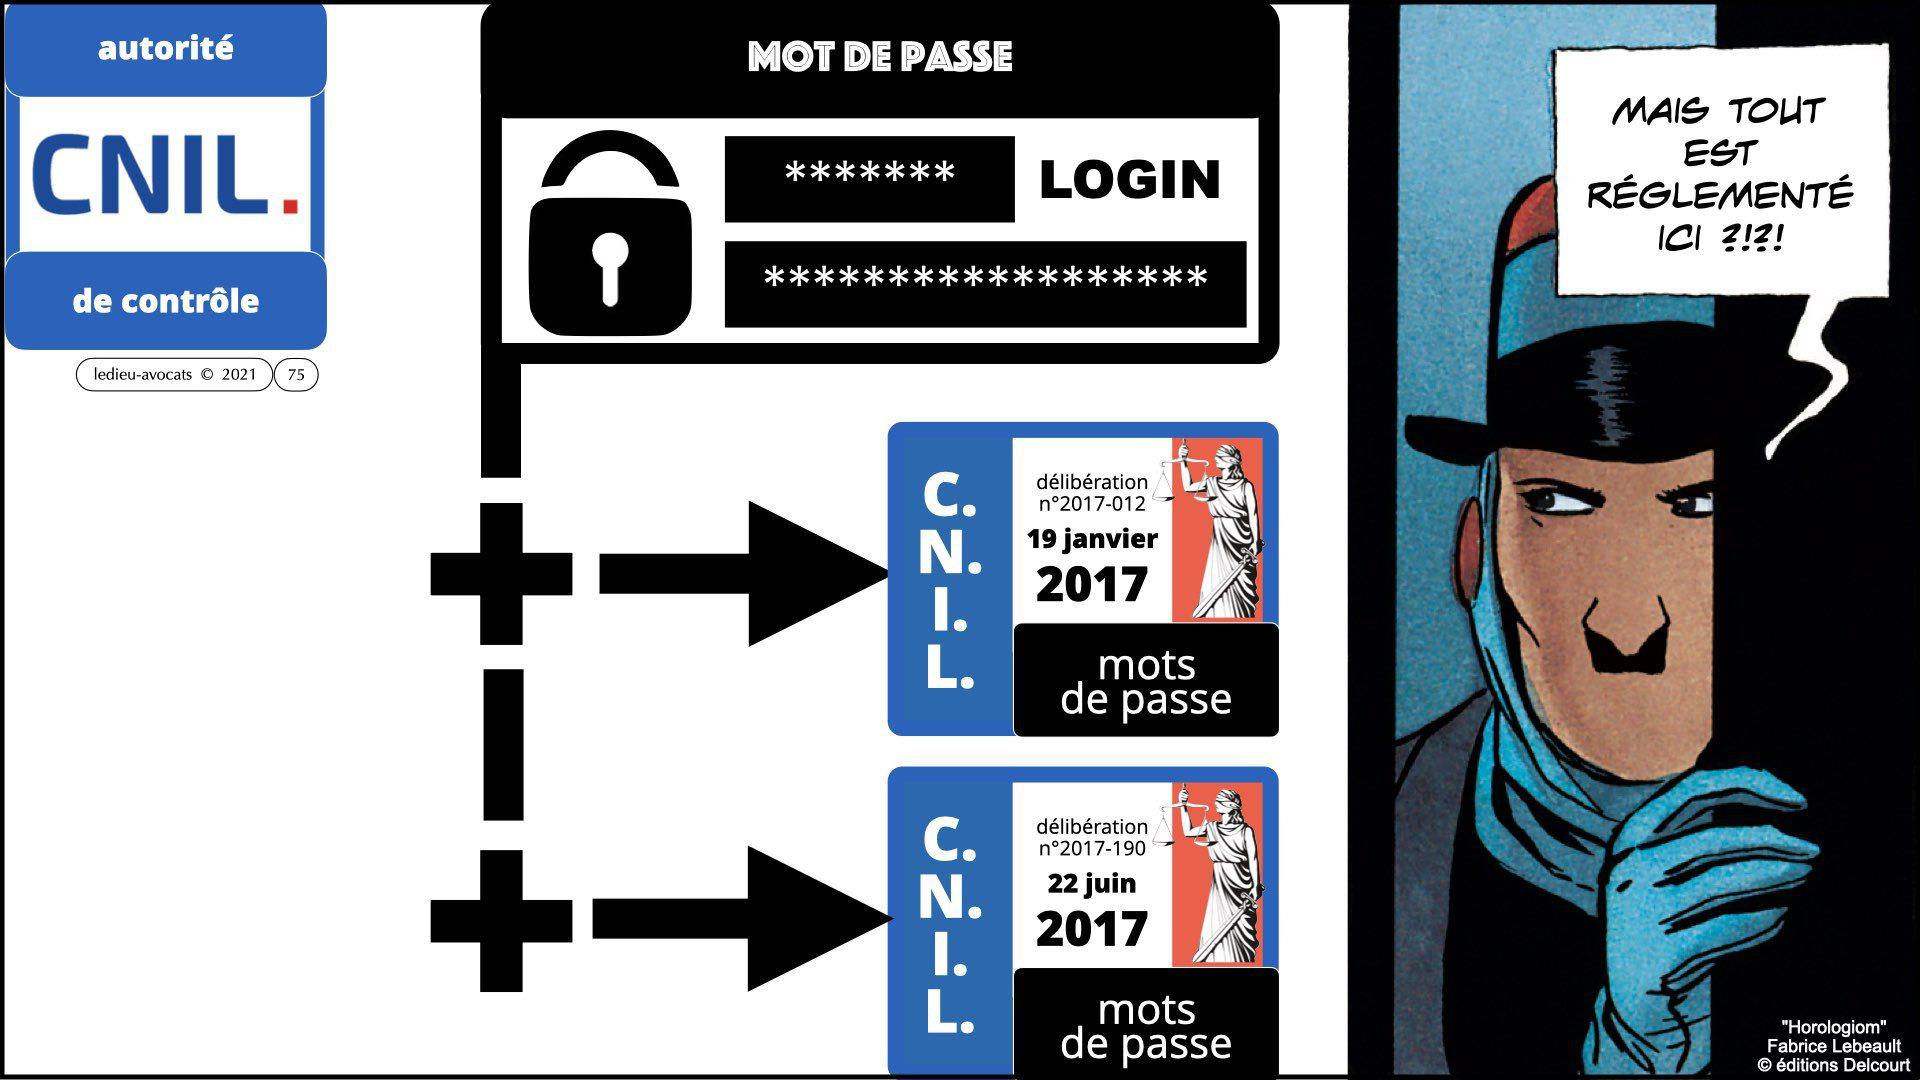 342 droit mot de passe OIV OSE ANALYSE de RISQUE EBIOS RM © Ledieu-Avocats technique droit numérique 05-09-2021.005